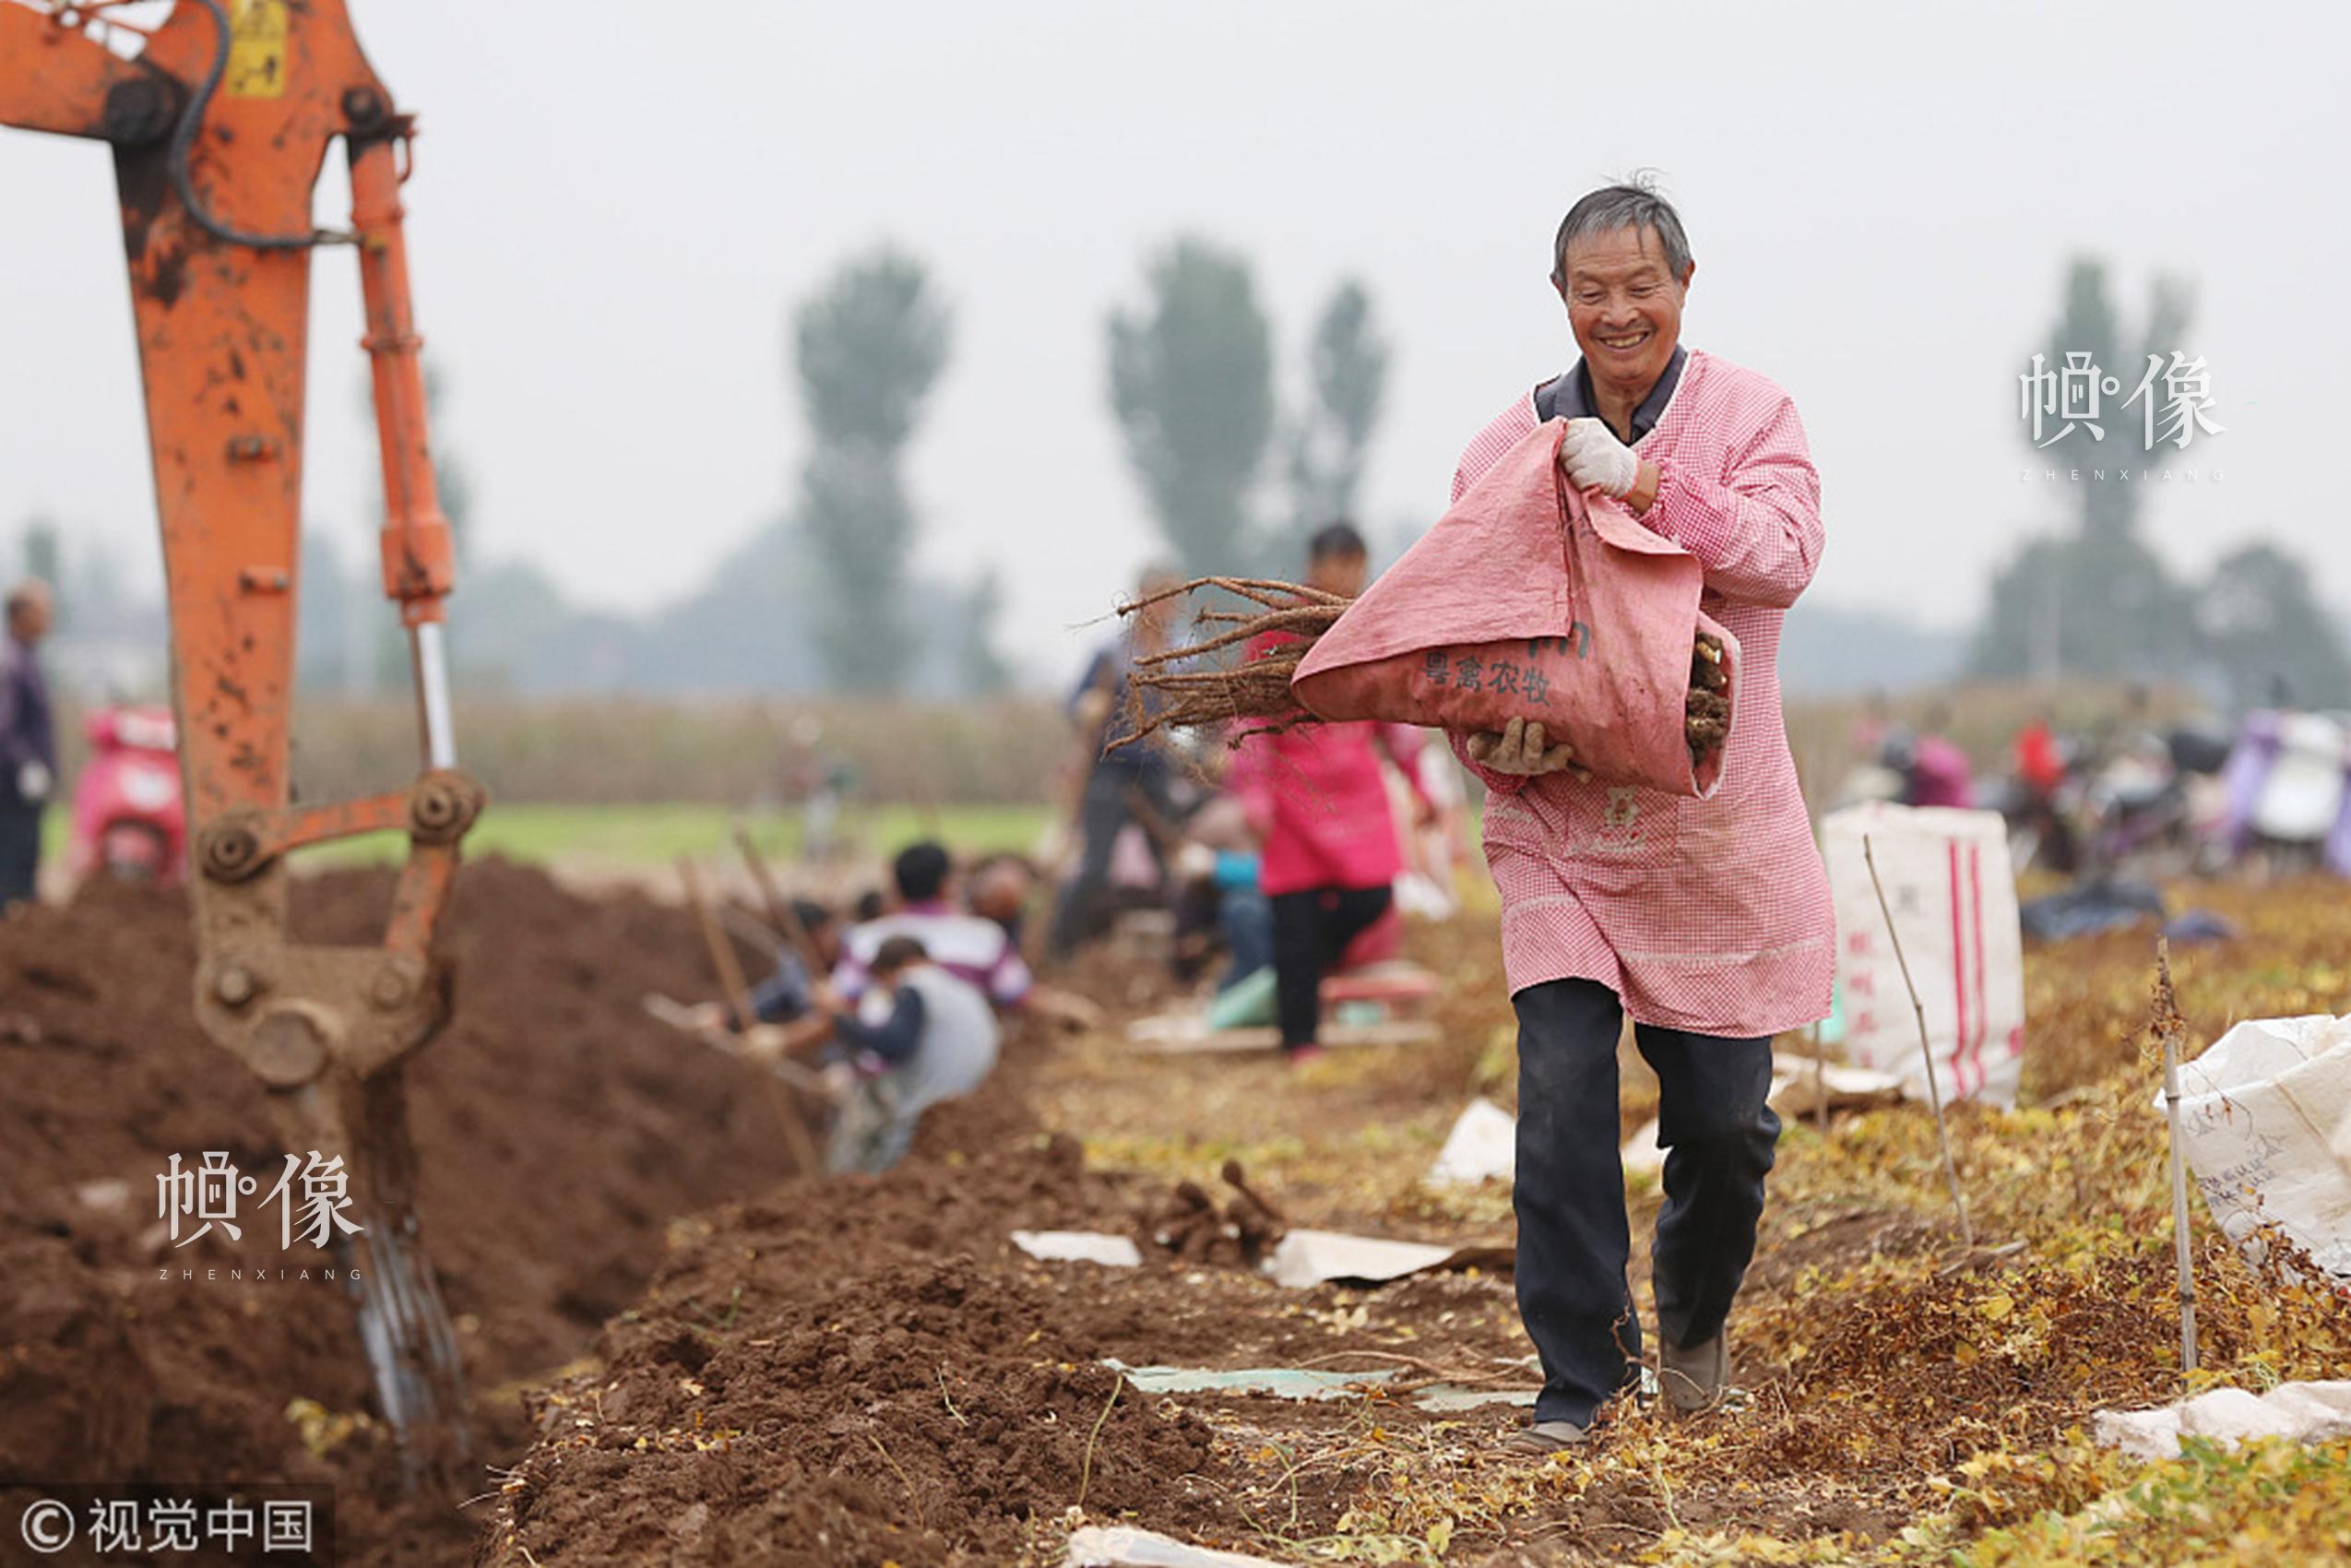 2017年10月24日,河南省焦作市,温县赵堡镇西辛庄村农民在采收铁棍山药。视觉中国